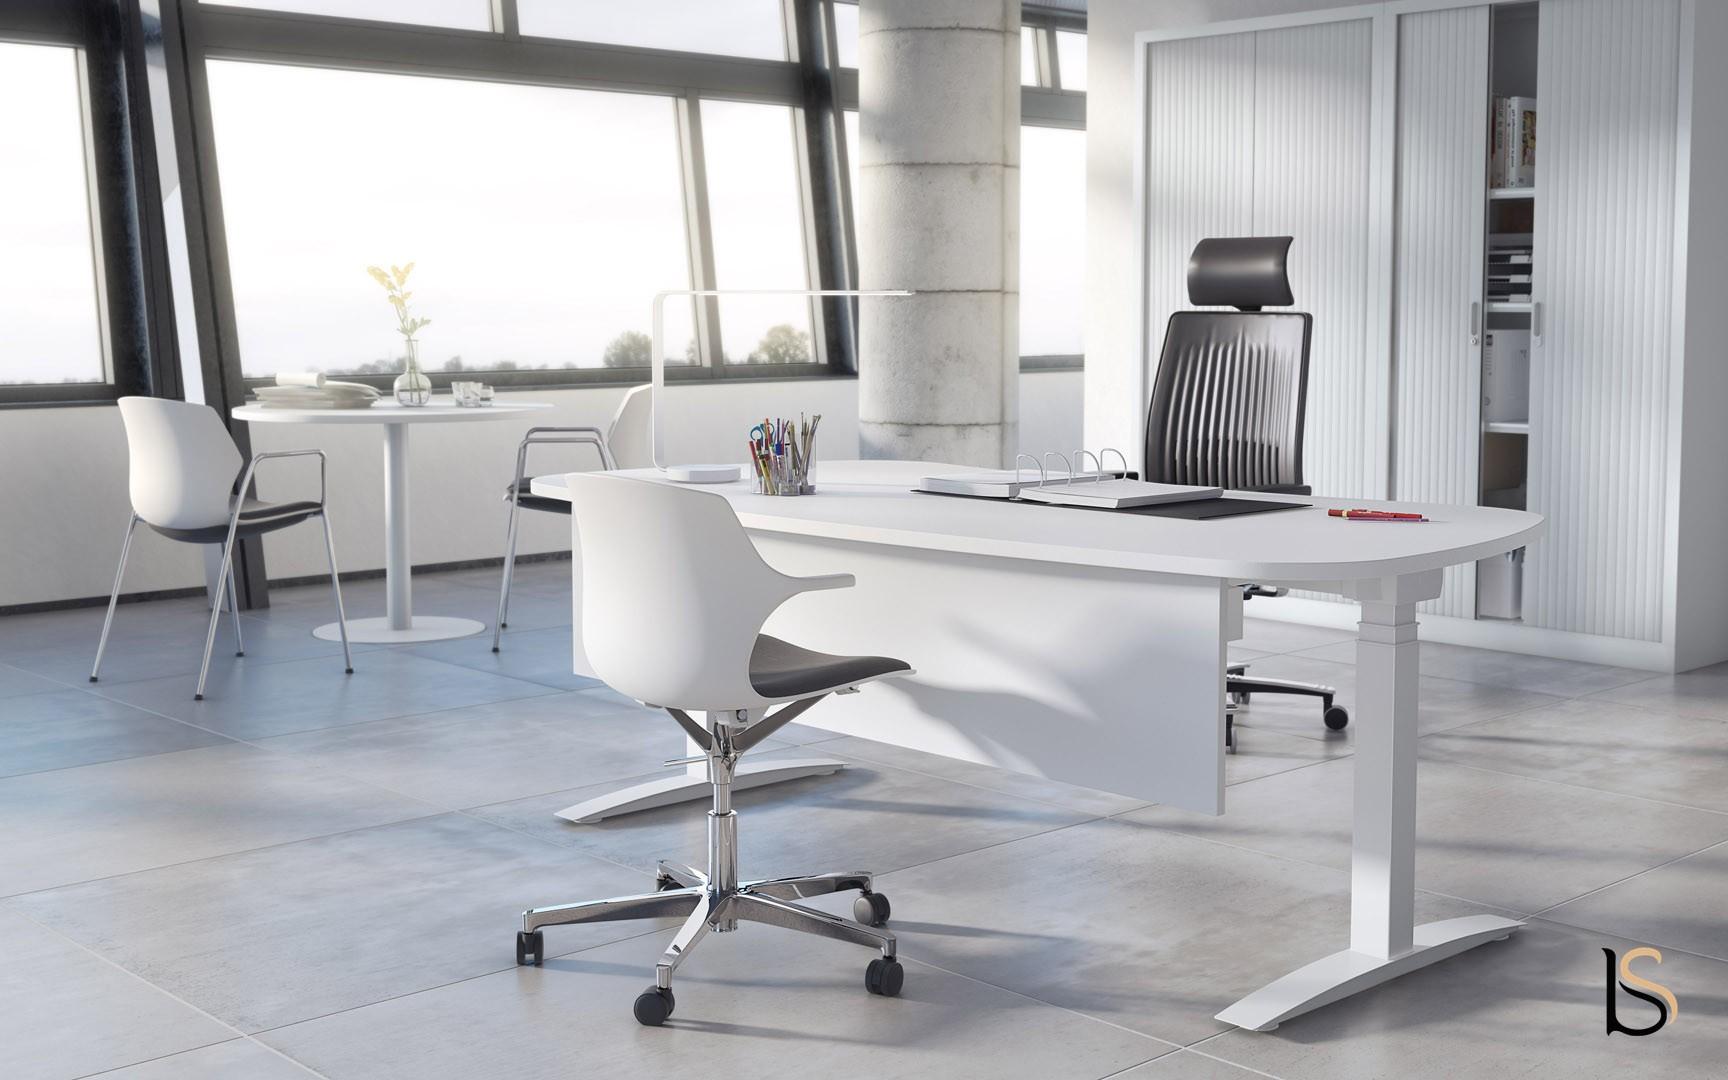 Bureau réglable en hauteur angles arrondis mobel linea bureaux ré